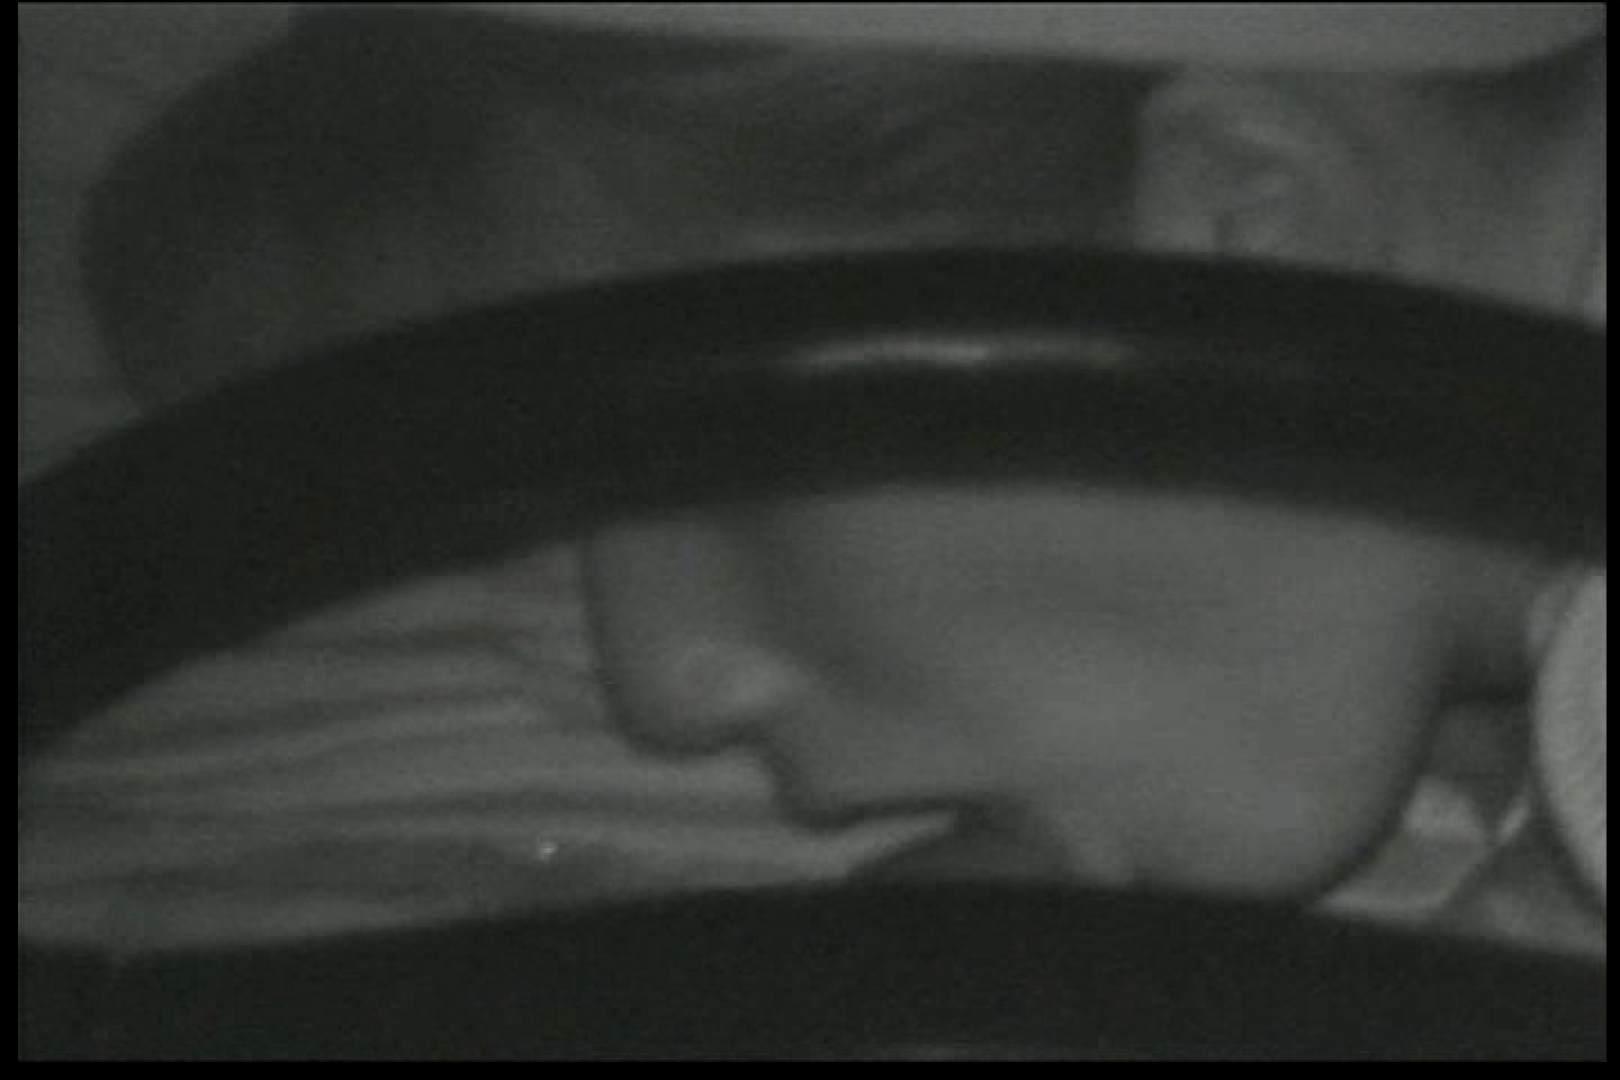 車の中はラブホテル 無修正版  Vol.12 美女OL われめAV動画紹介 109連発 90